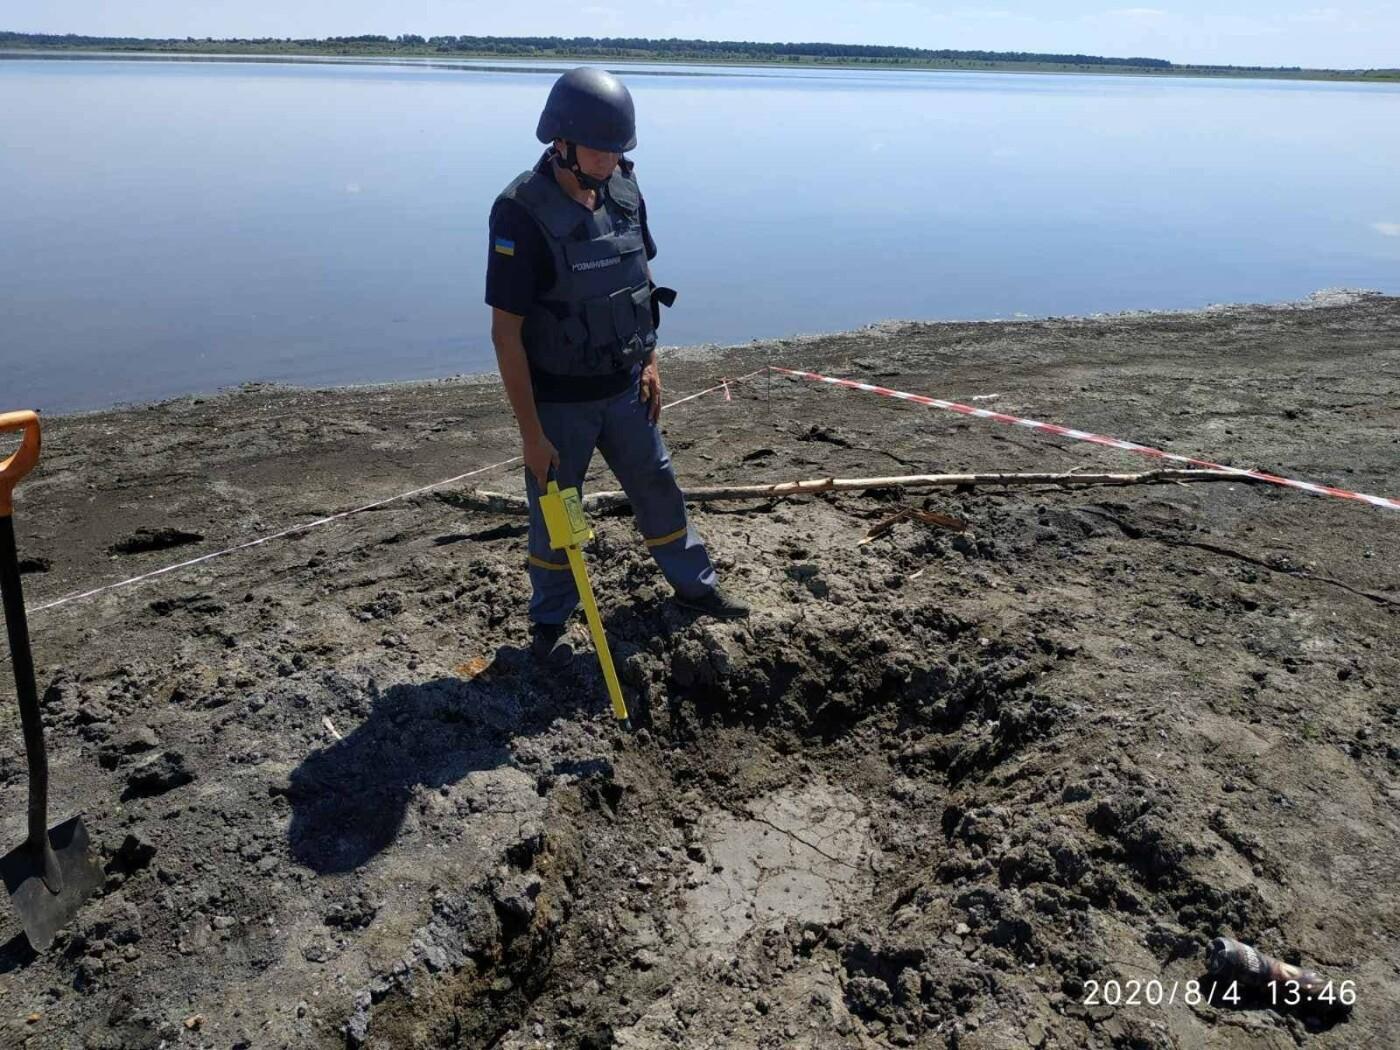 Дети нашли снаряд: на Лозовщине пиротехники  изъяли и обезвредили фугасную авиабомбу, фото-2